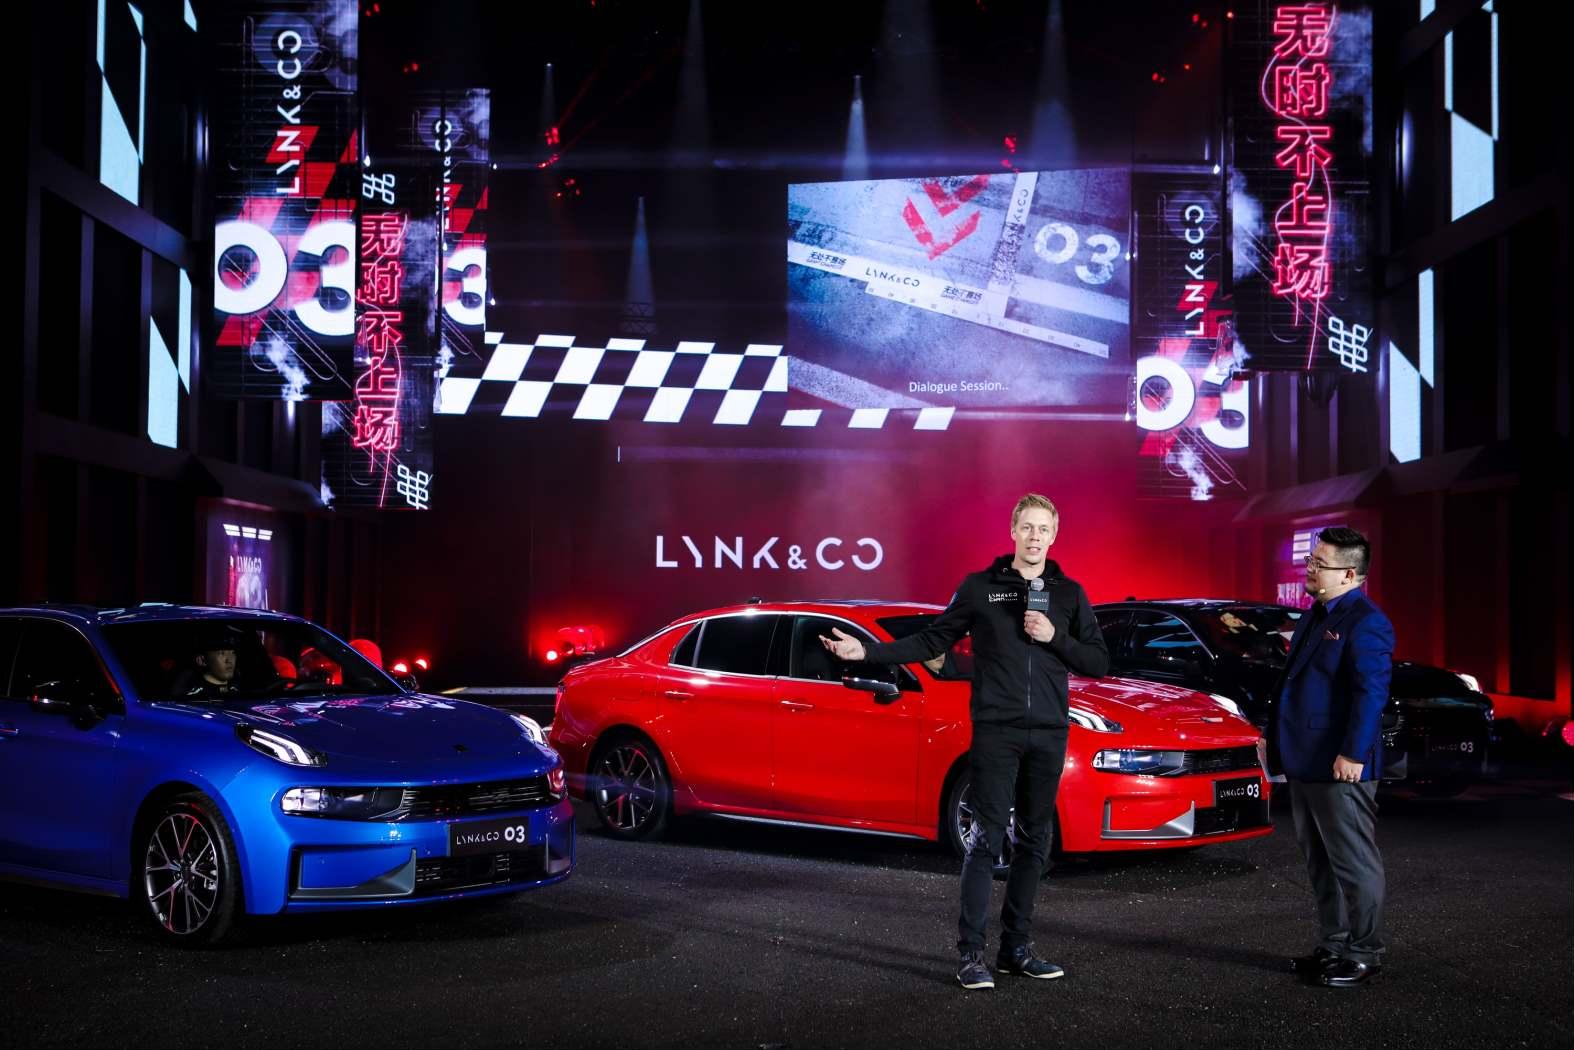 Lynk visar racingkoncept inför VM